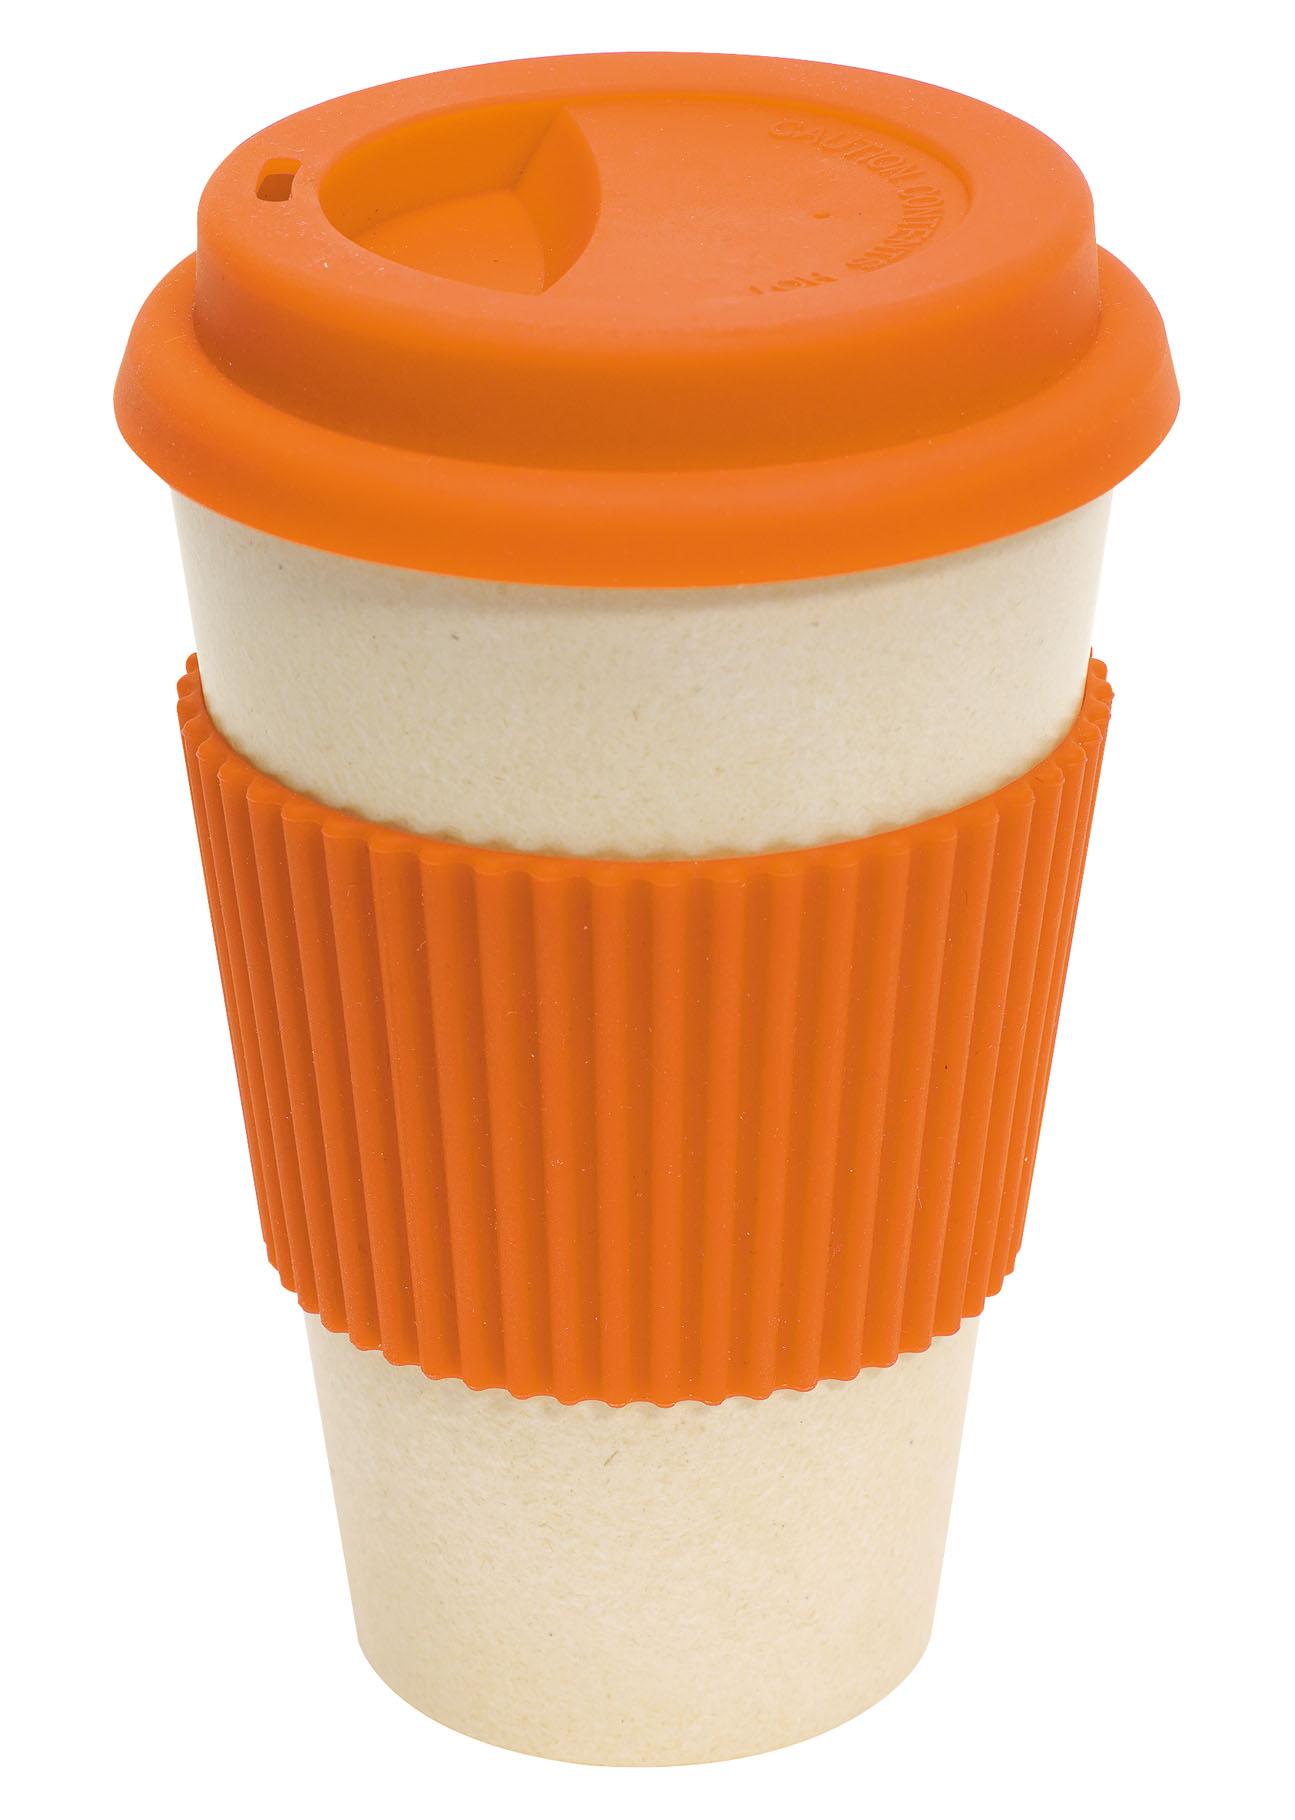 Kaffeebecher Aus Bambus Bedrucken Merkur Werbemittel